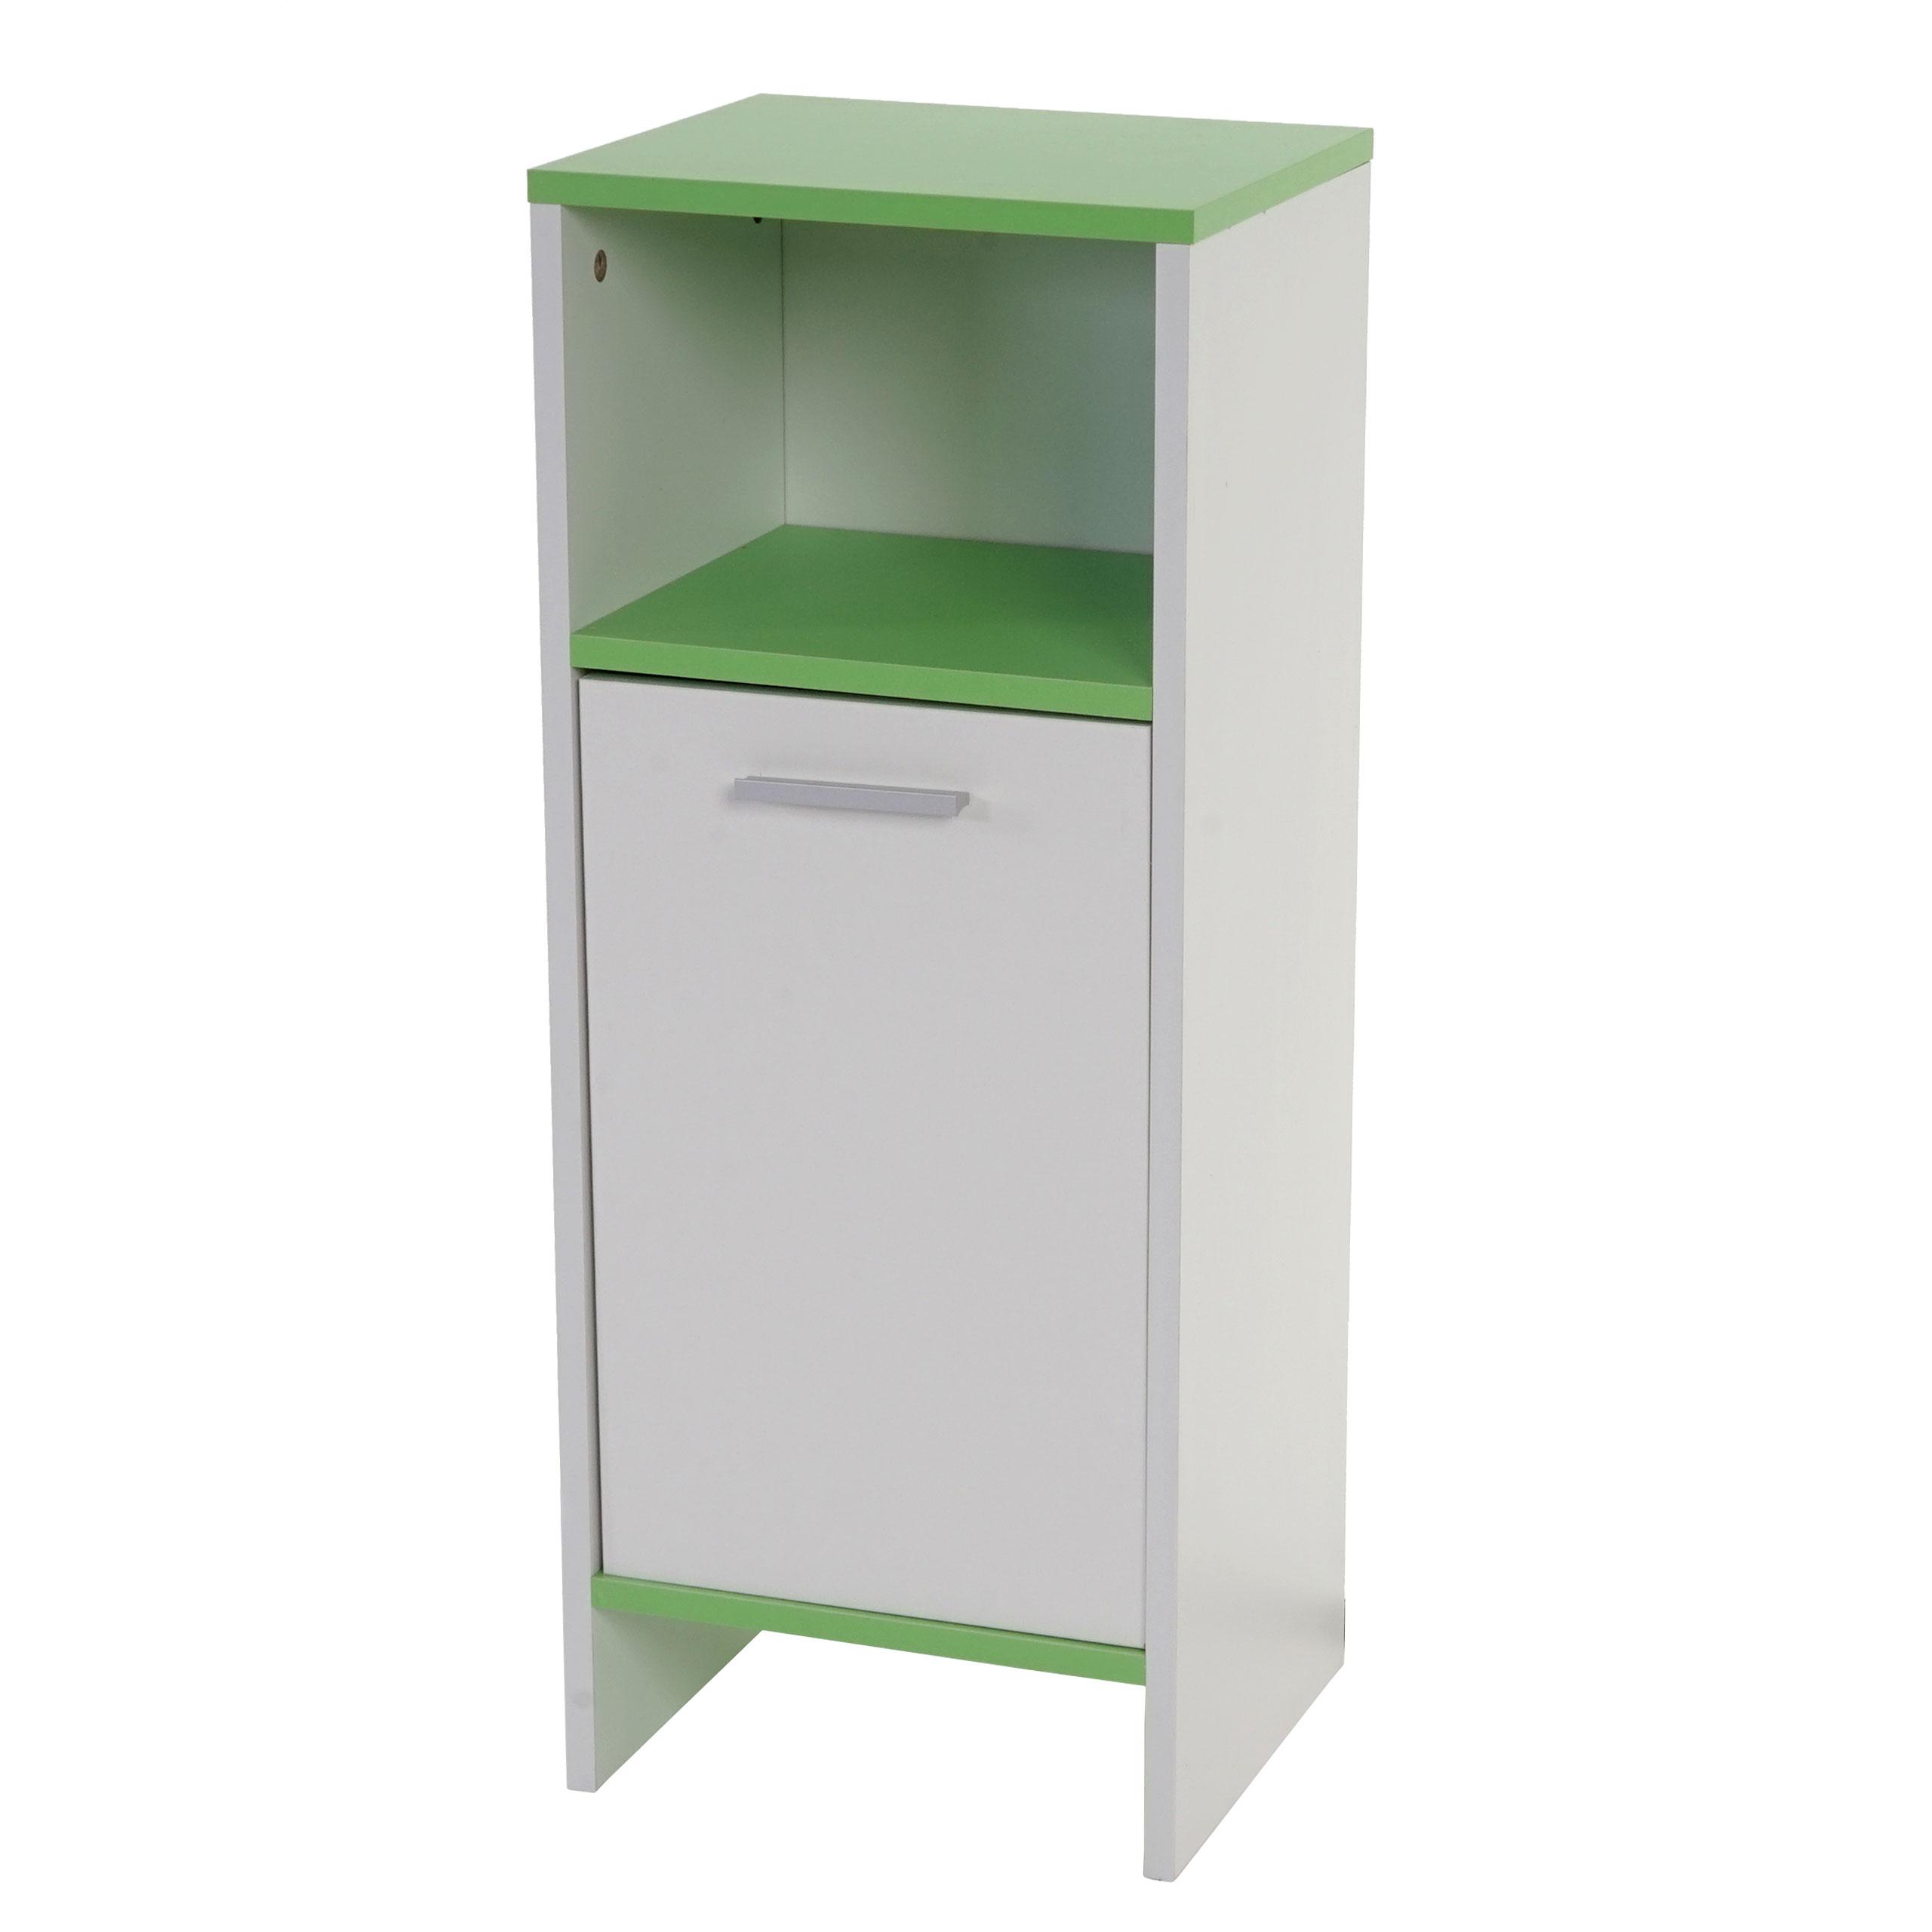 Kommode Arezzo, Badezimmerkommode weiß, Böden grün - Kaufen bei ...